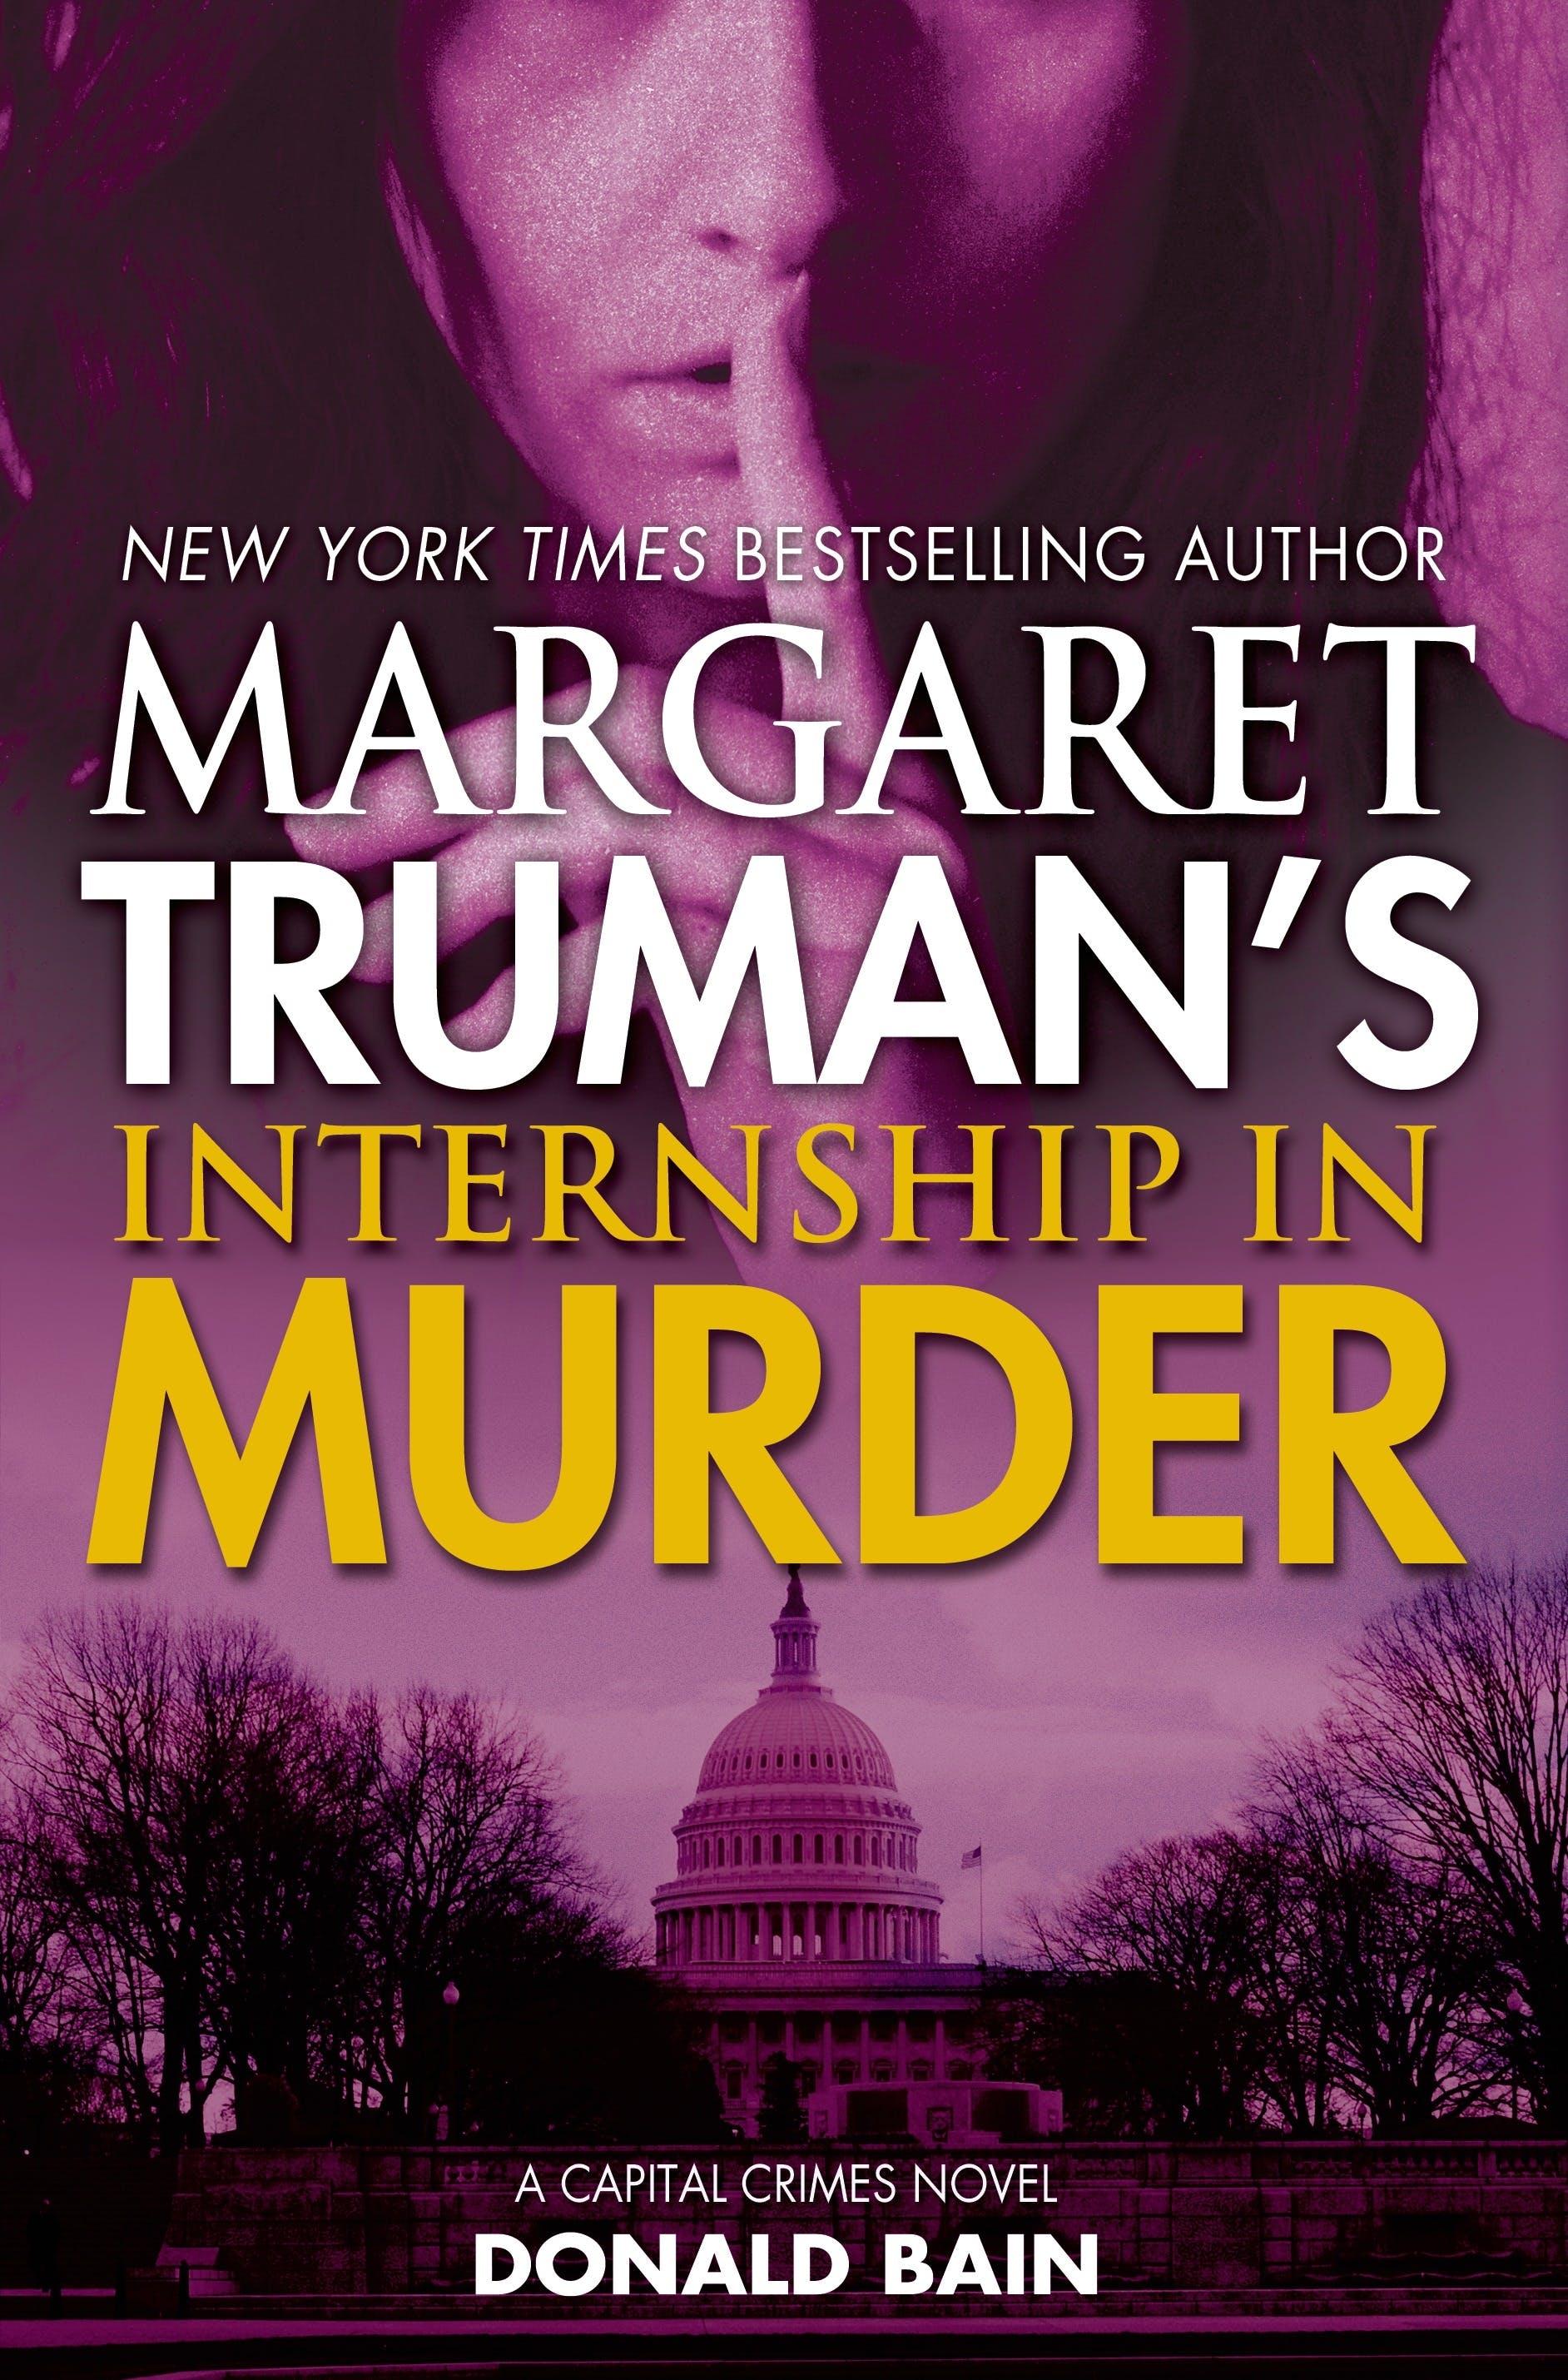 Image of Margaret Truman's Internship in Murder